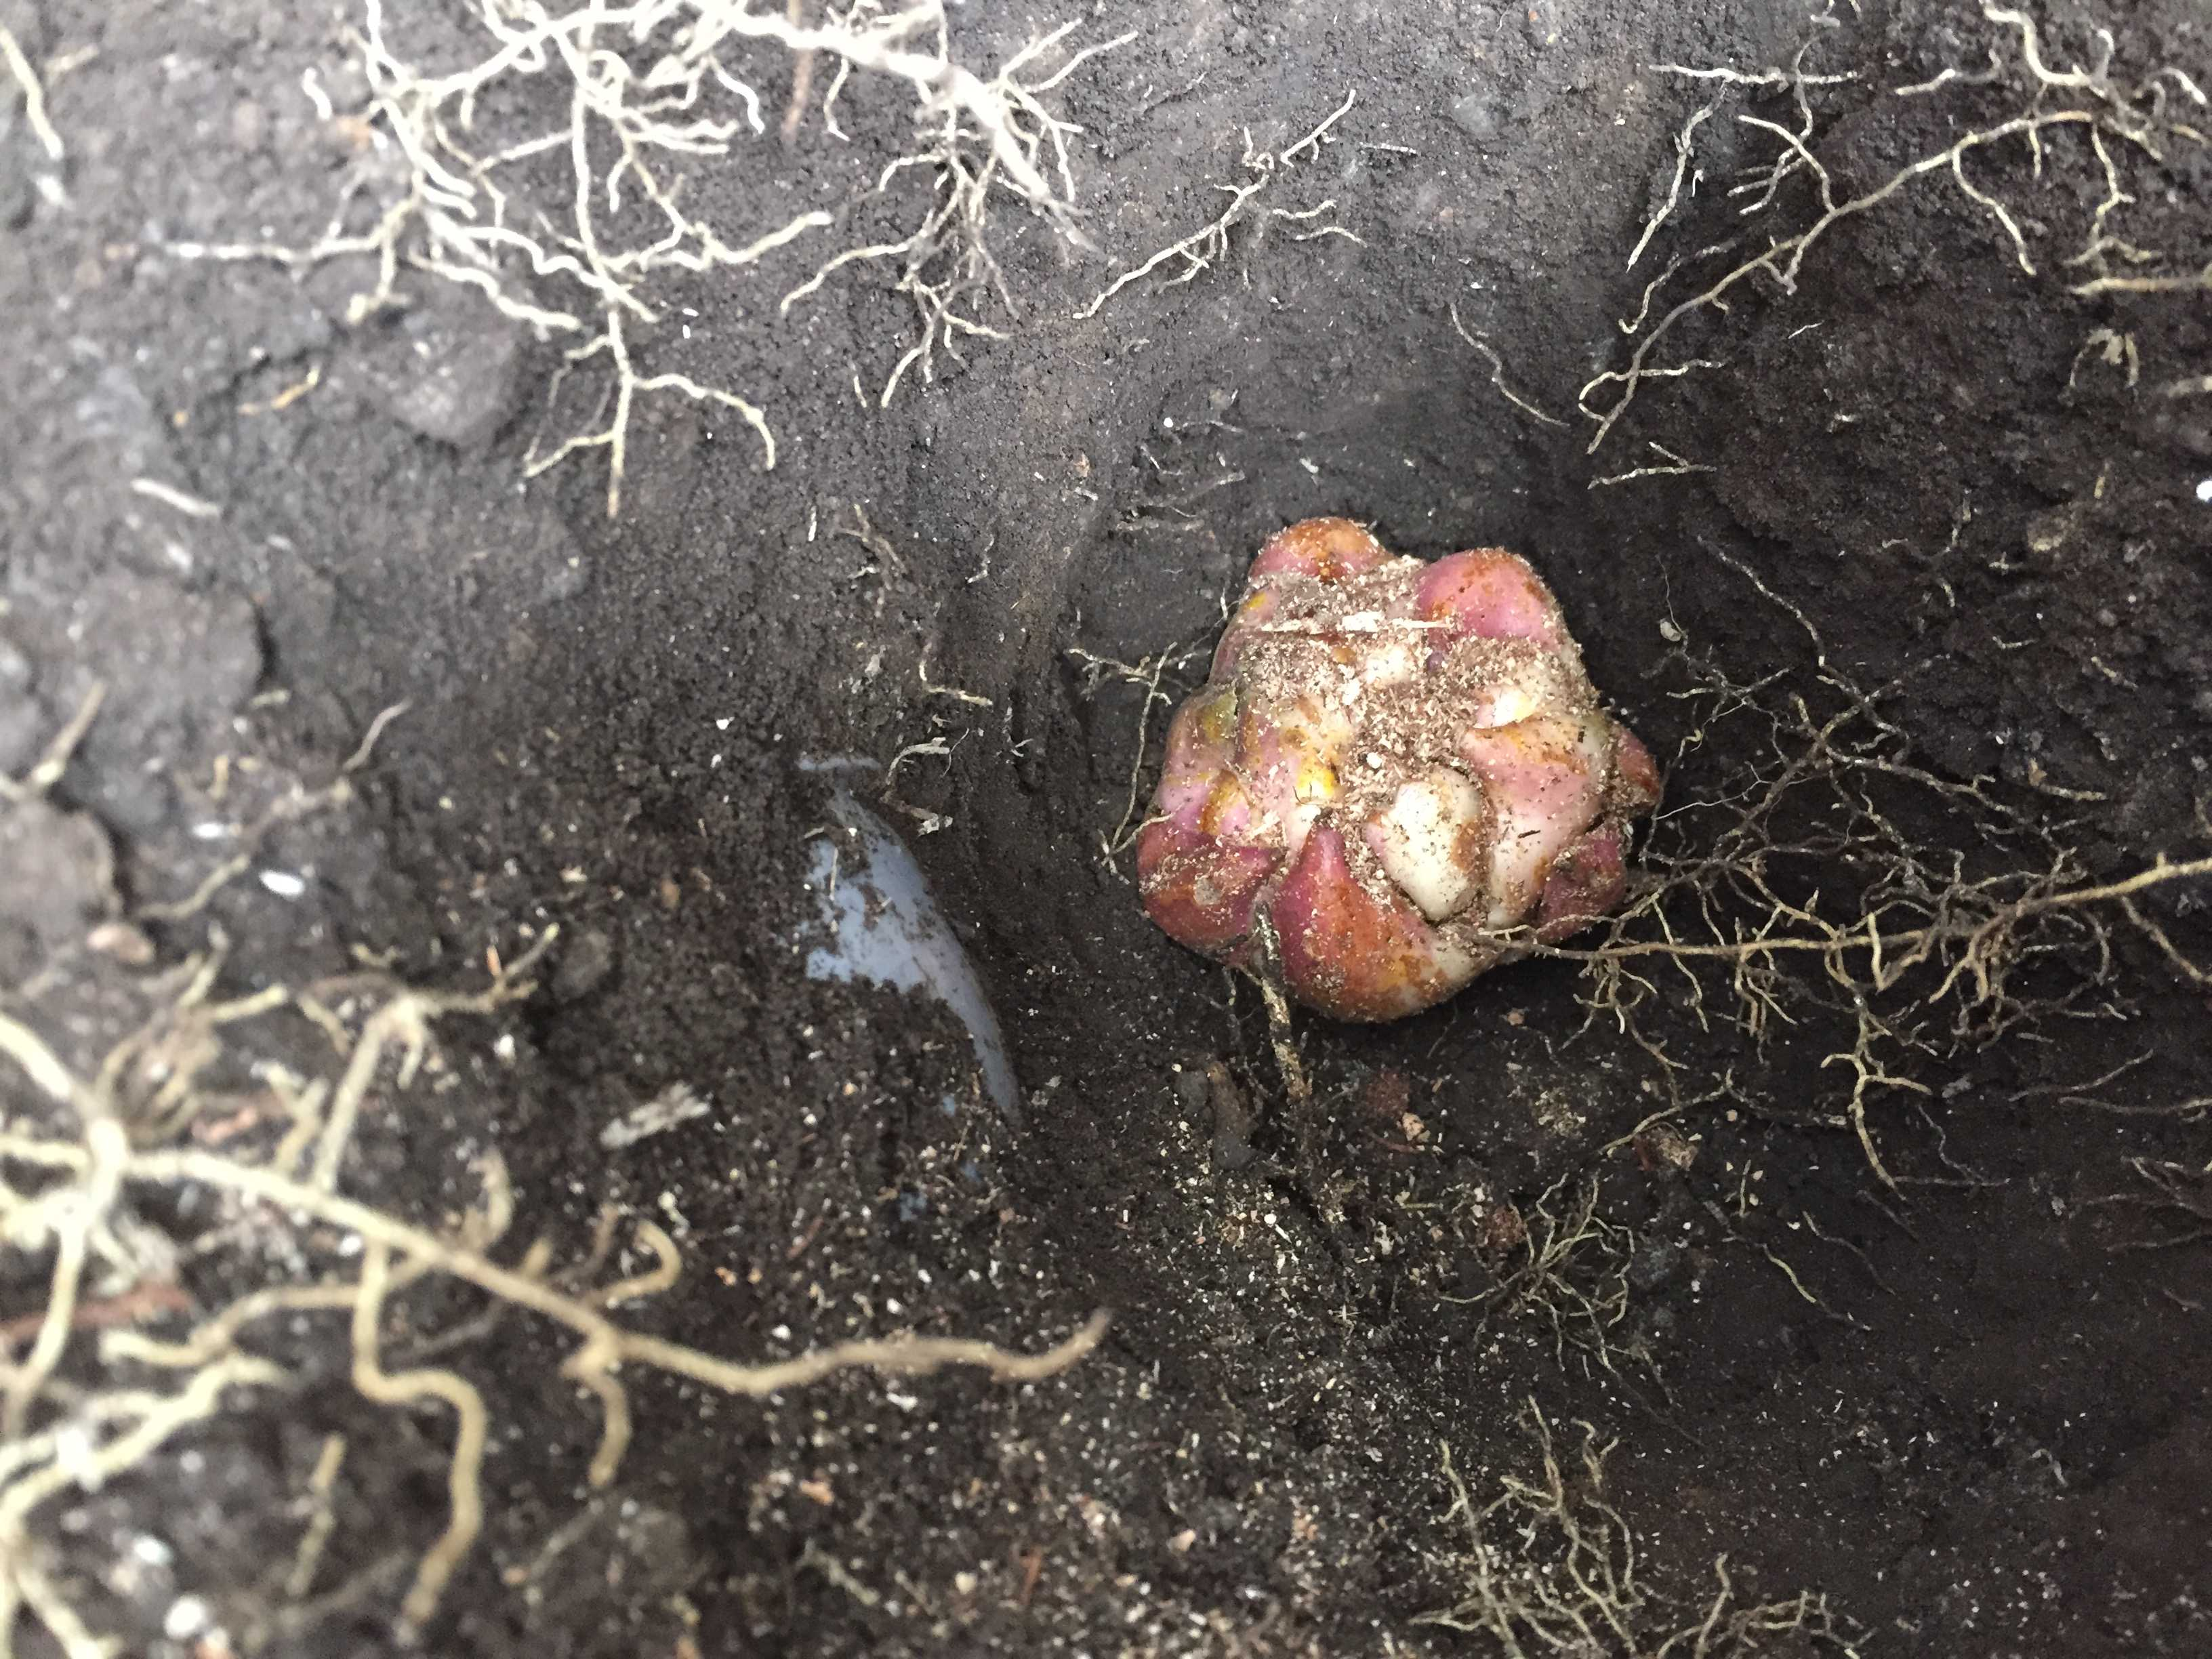 下水のパイプの近く - やまゆりの球根の植え付け